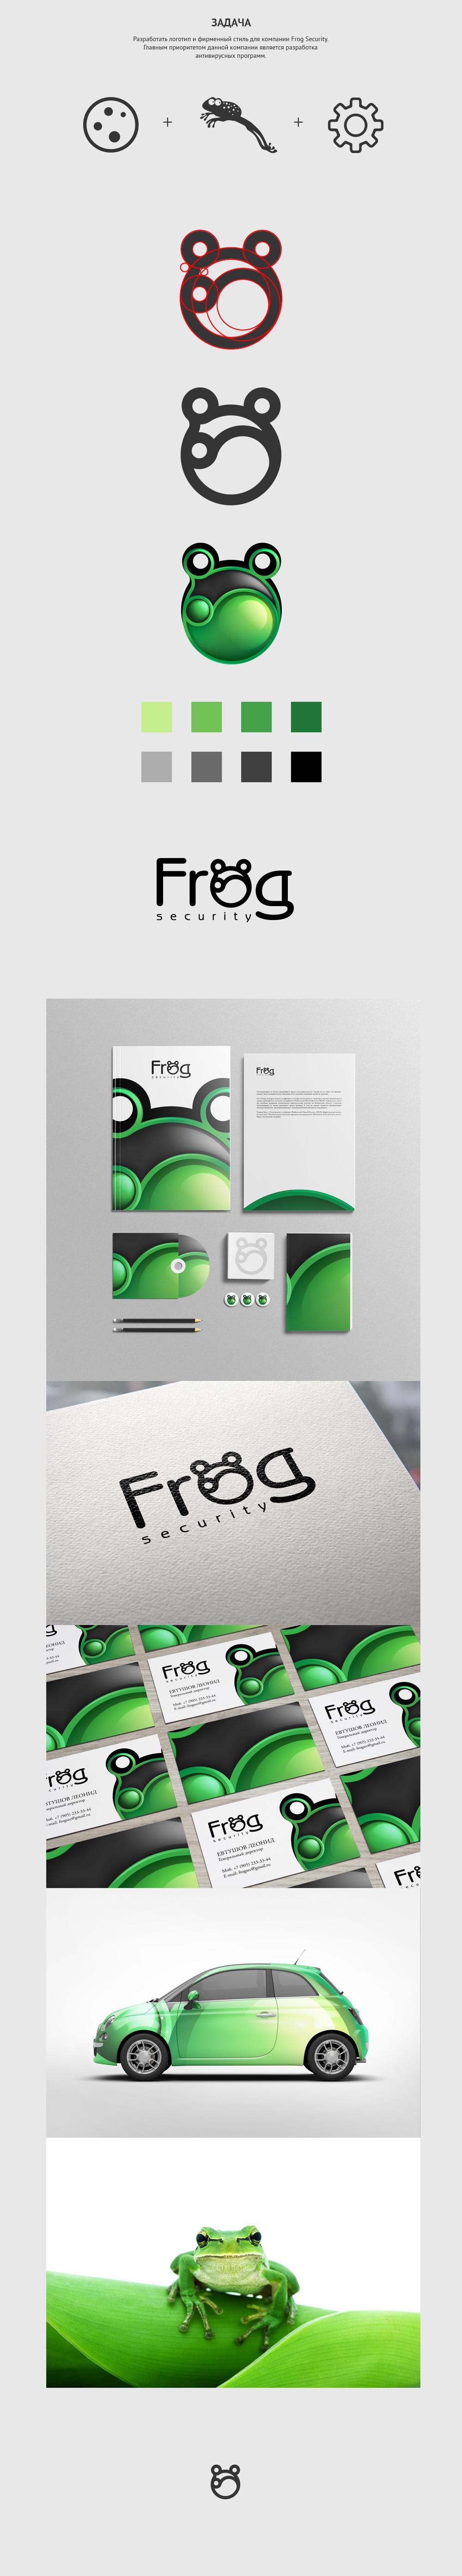 Frog Security - антивирусные программы